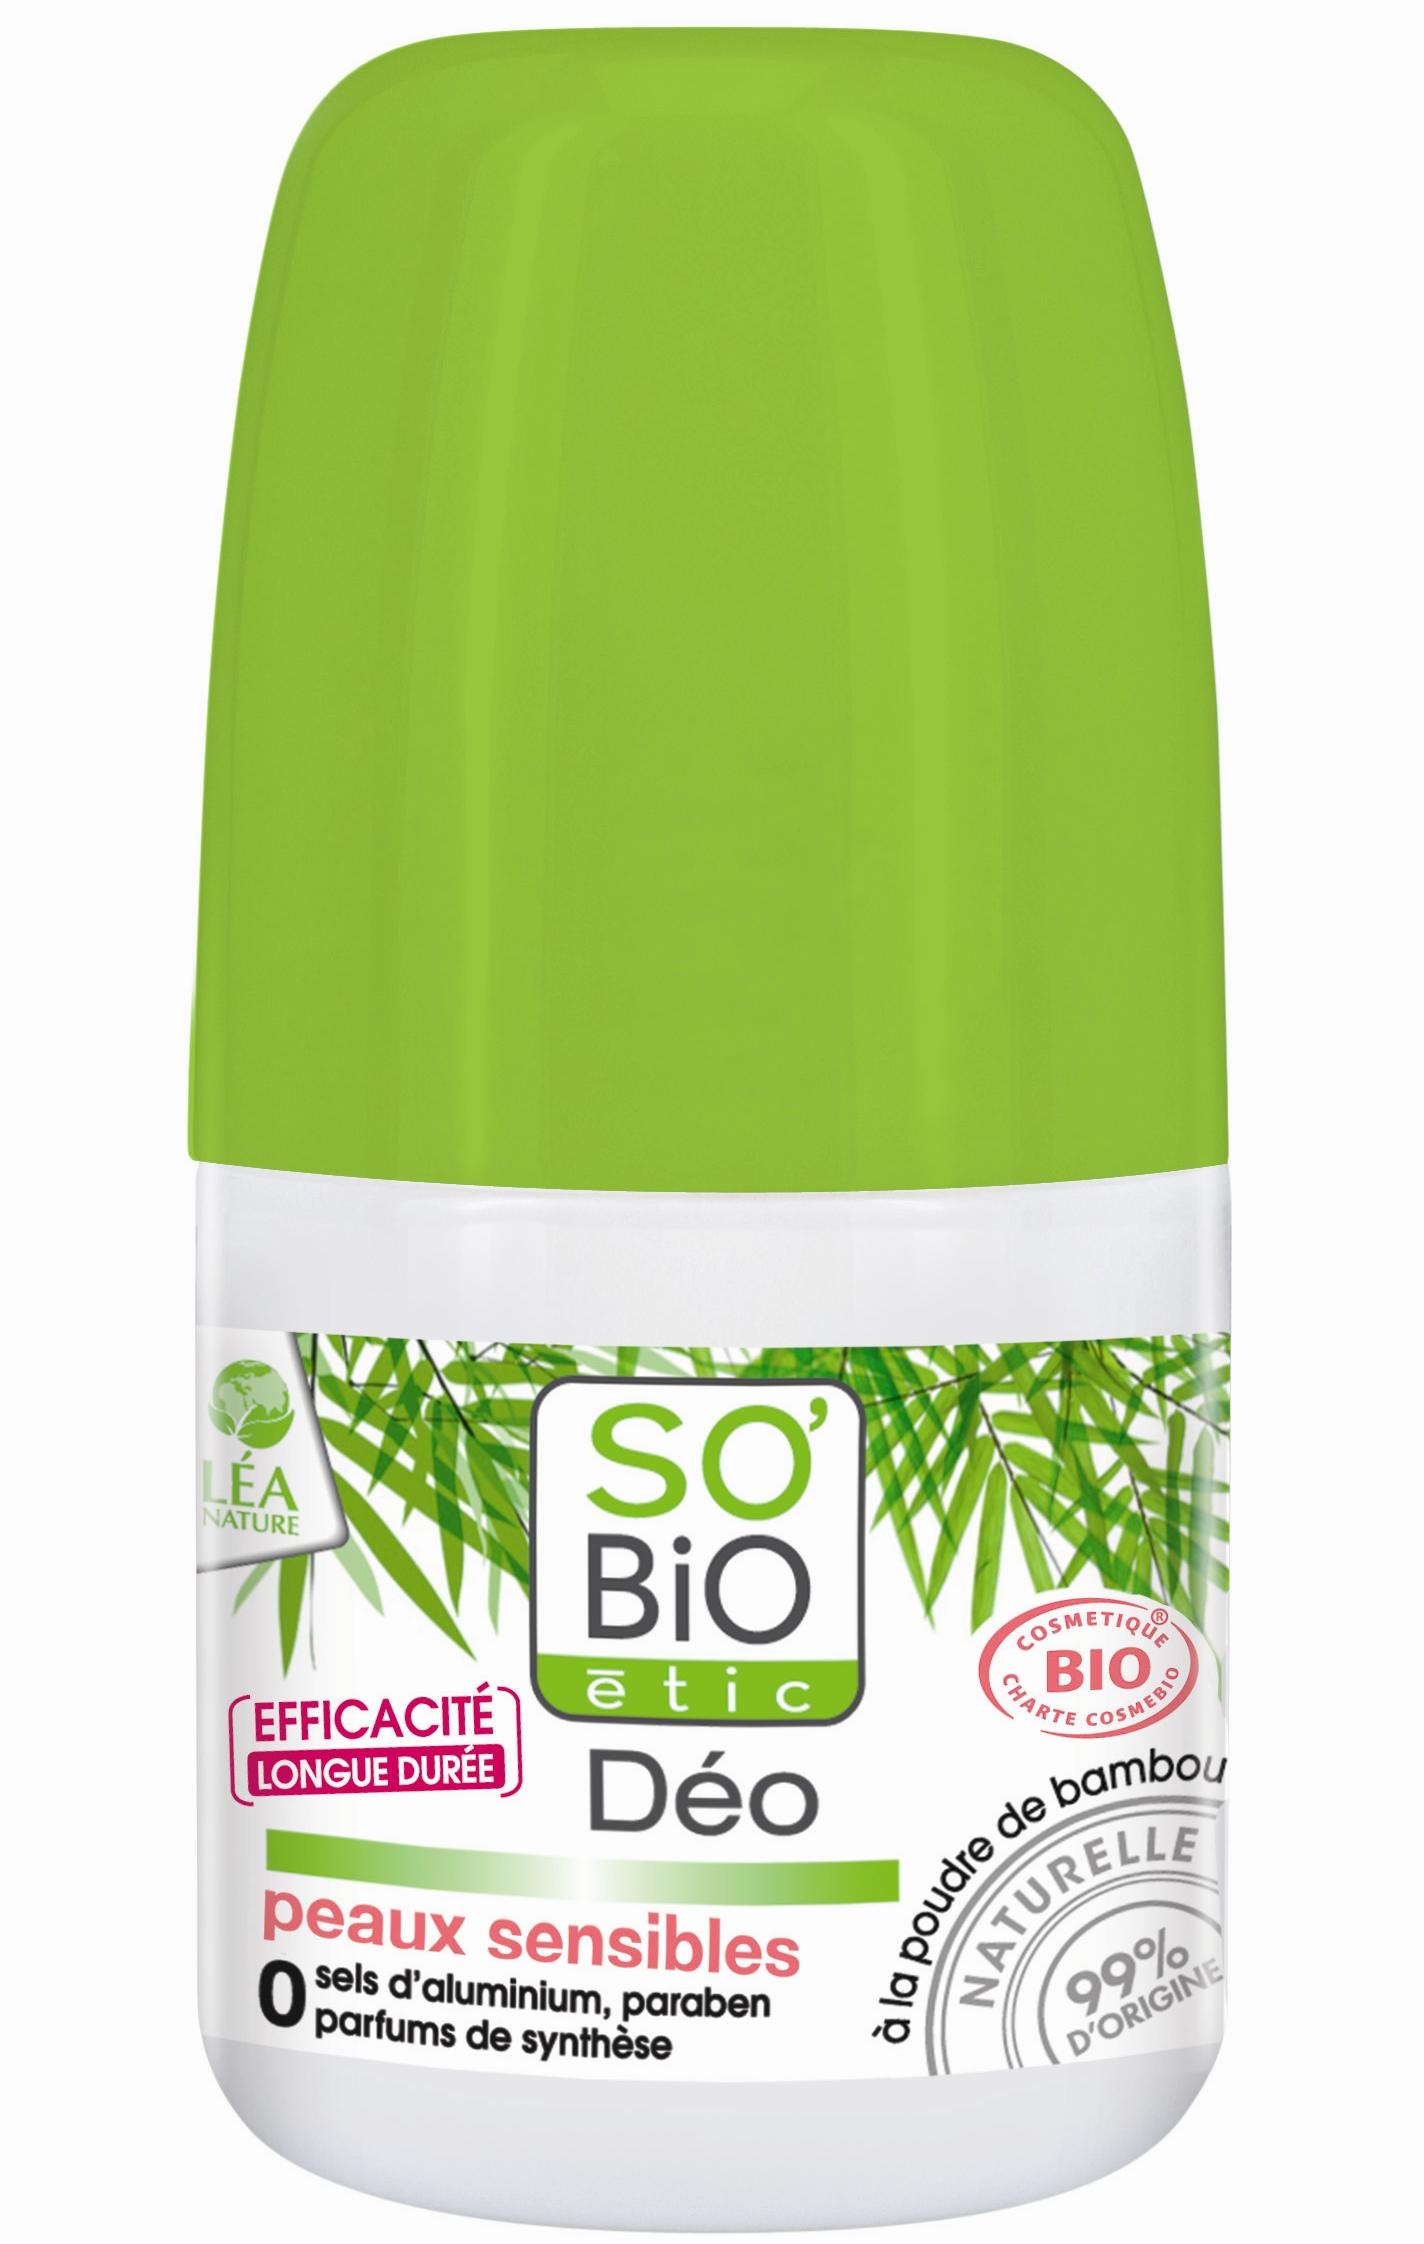 Deodorant So Bio Etic Cu Pudra De Bambus Piele Sensibila  50ml